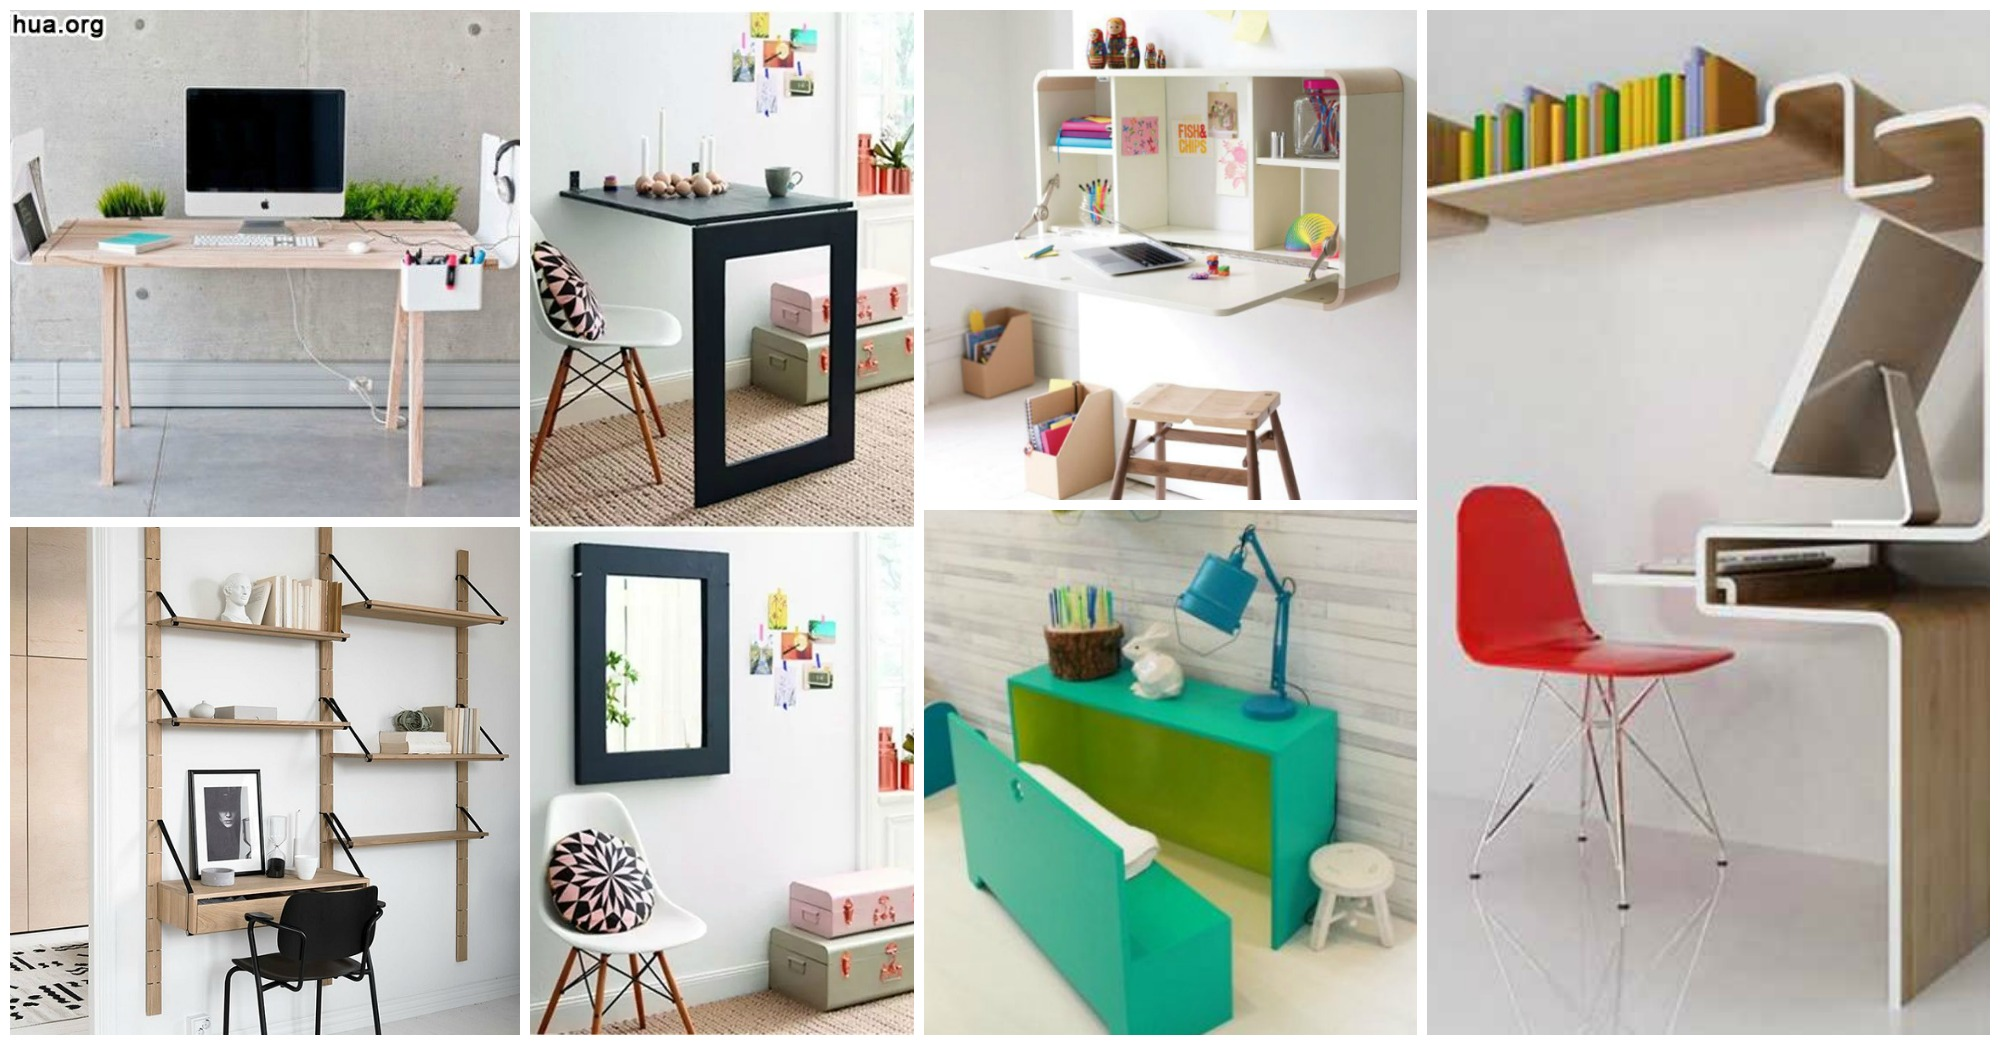 15 ideas para aprovechar y ahorrar espacio en casa - Ideas para ahorrar en casa ...